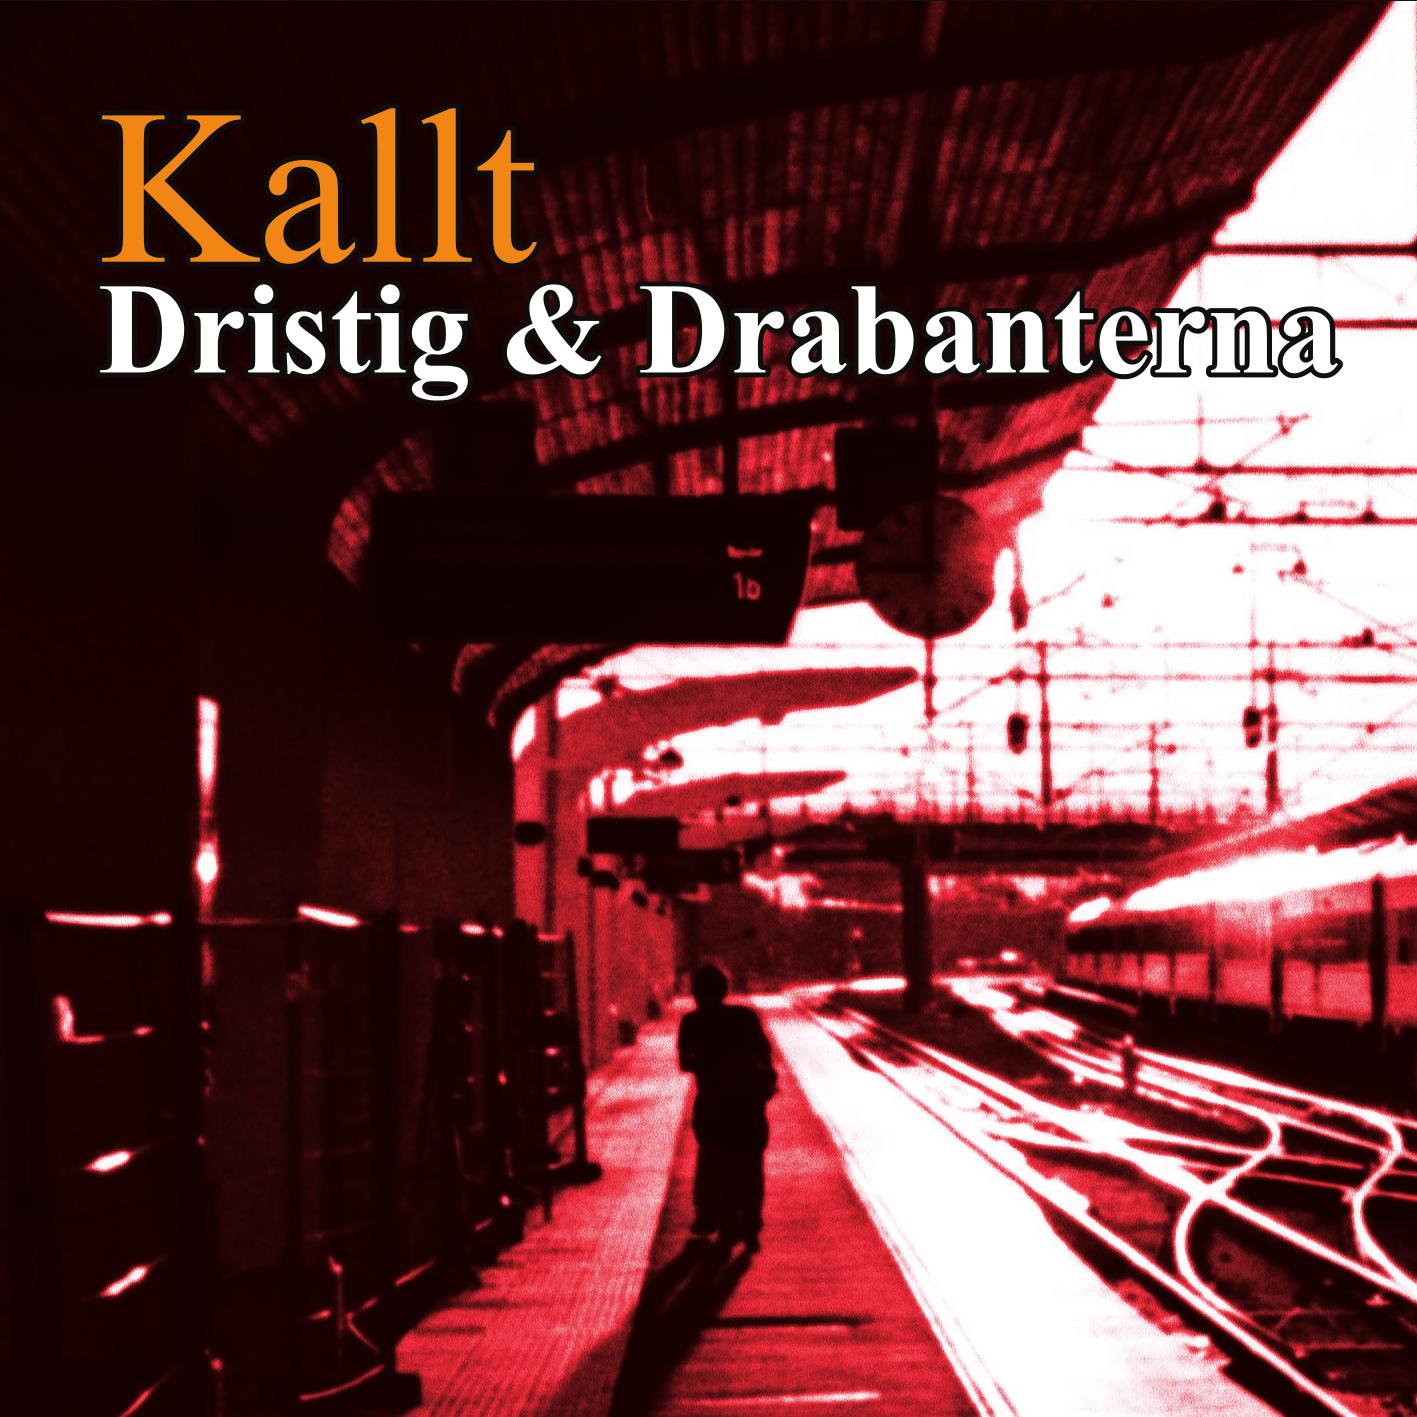 [CD] Dristig & Drabanterna - Kallt CD03